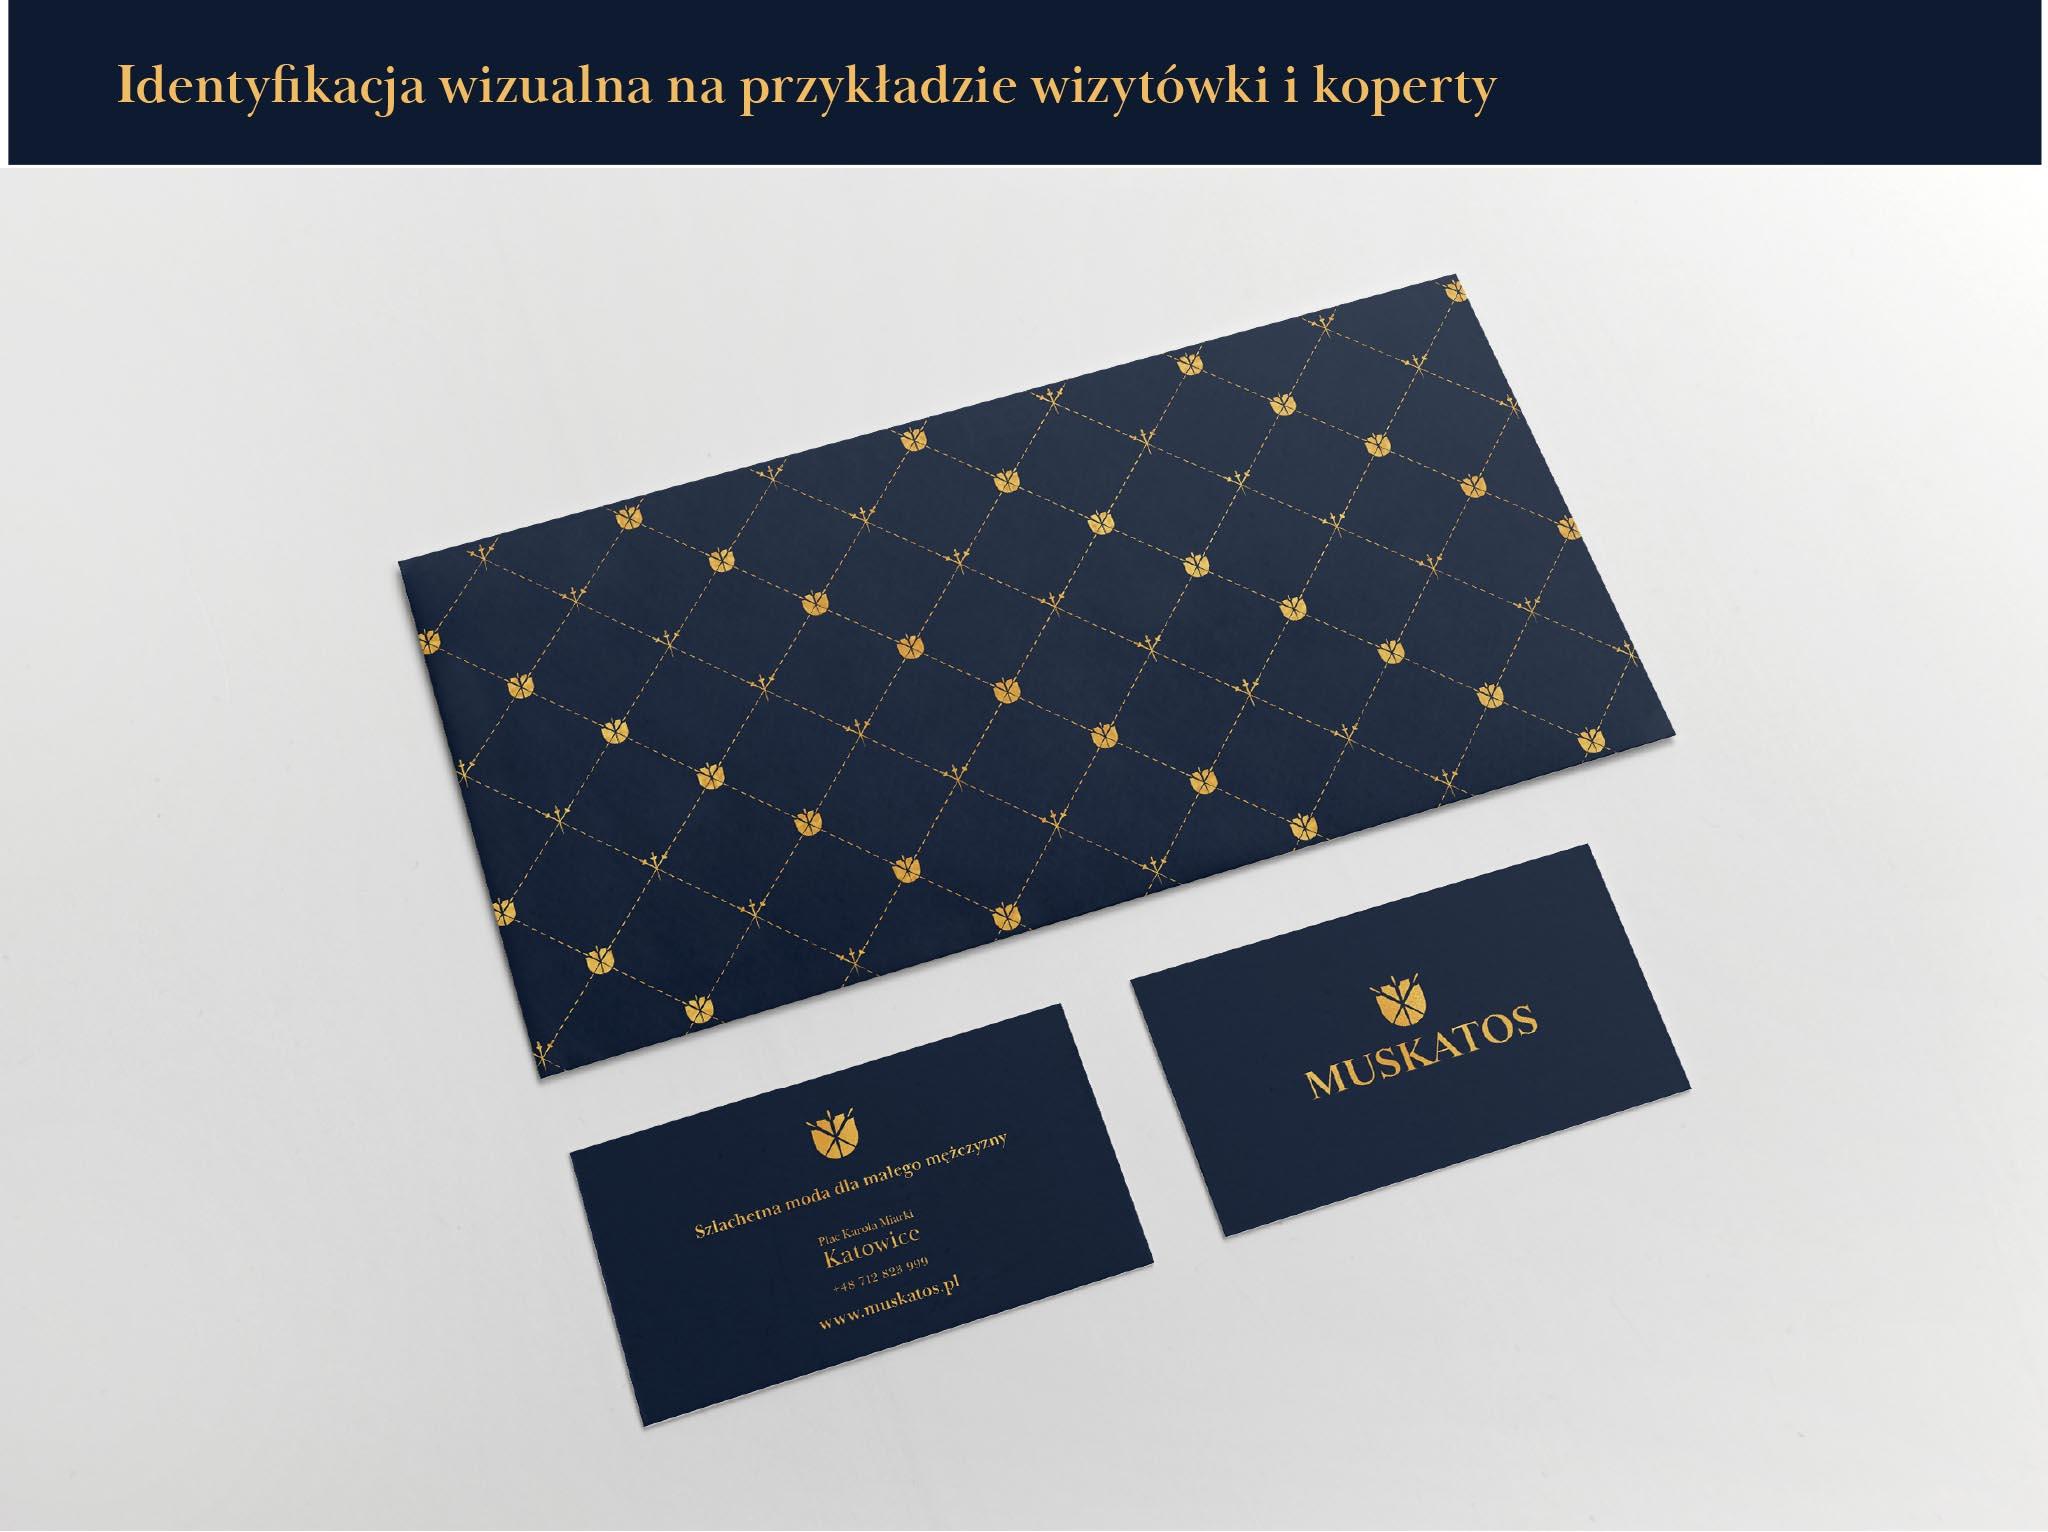 identyfikacja_wizualna_muskatos_materialy_drukowane